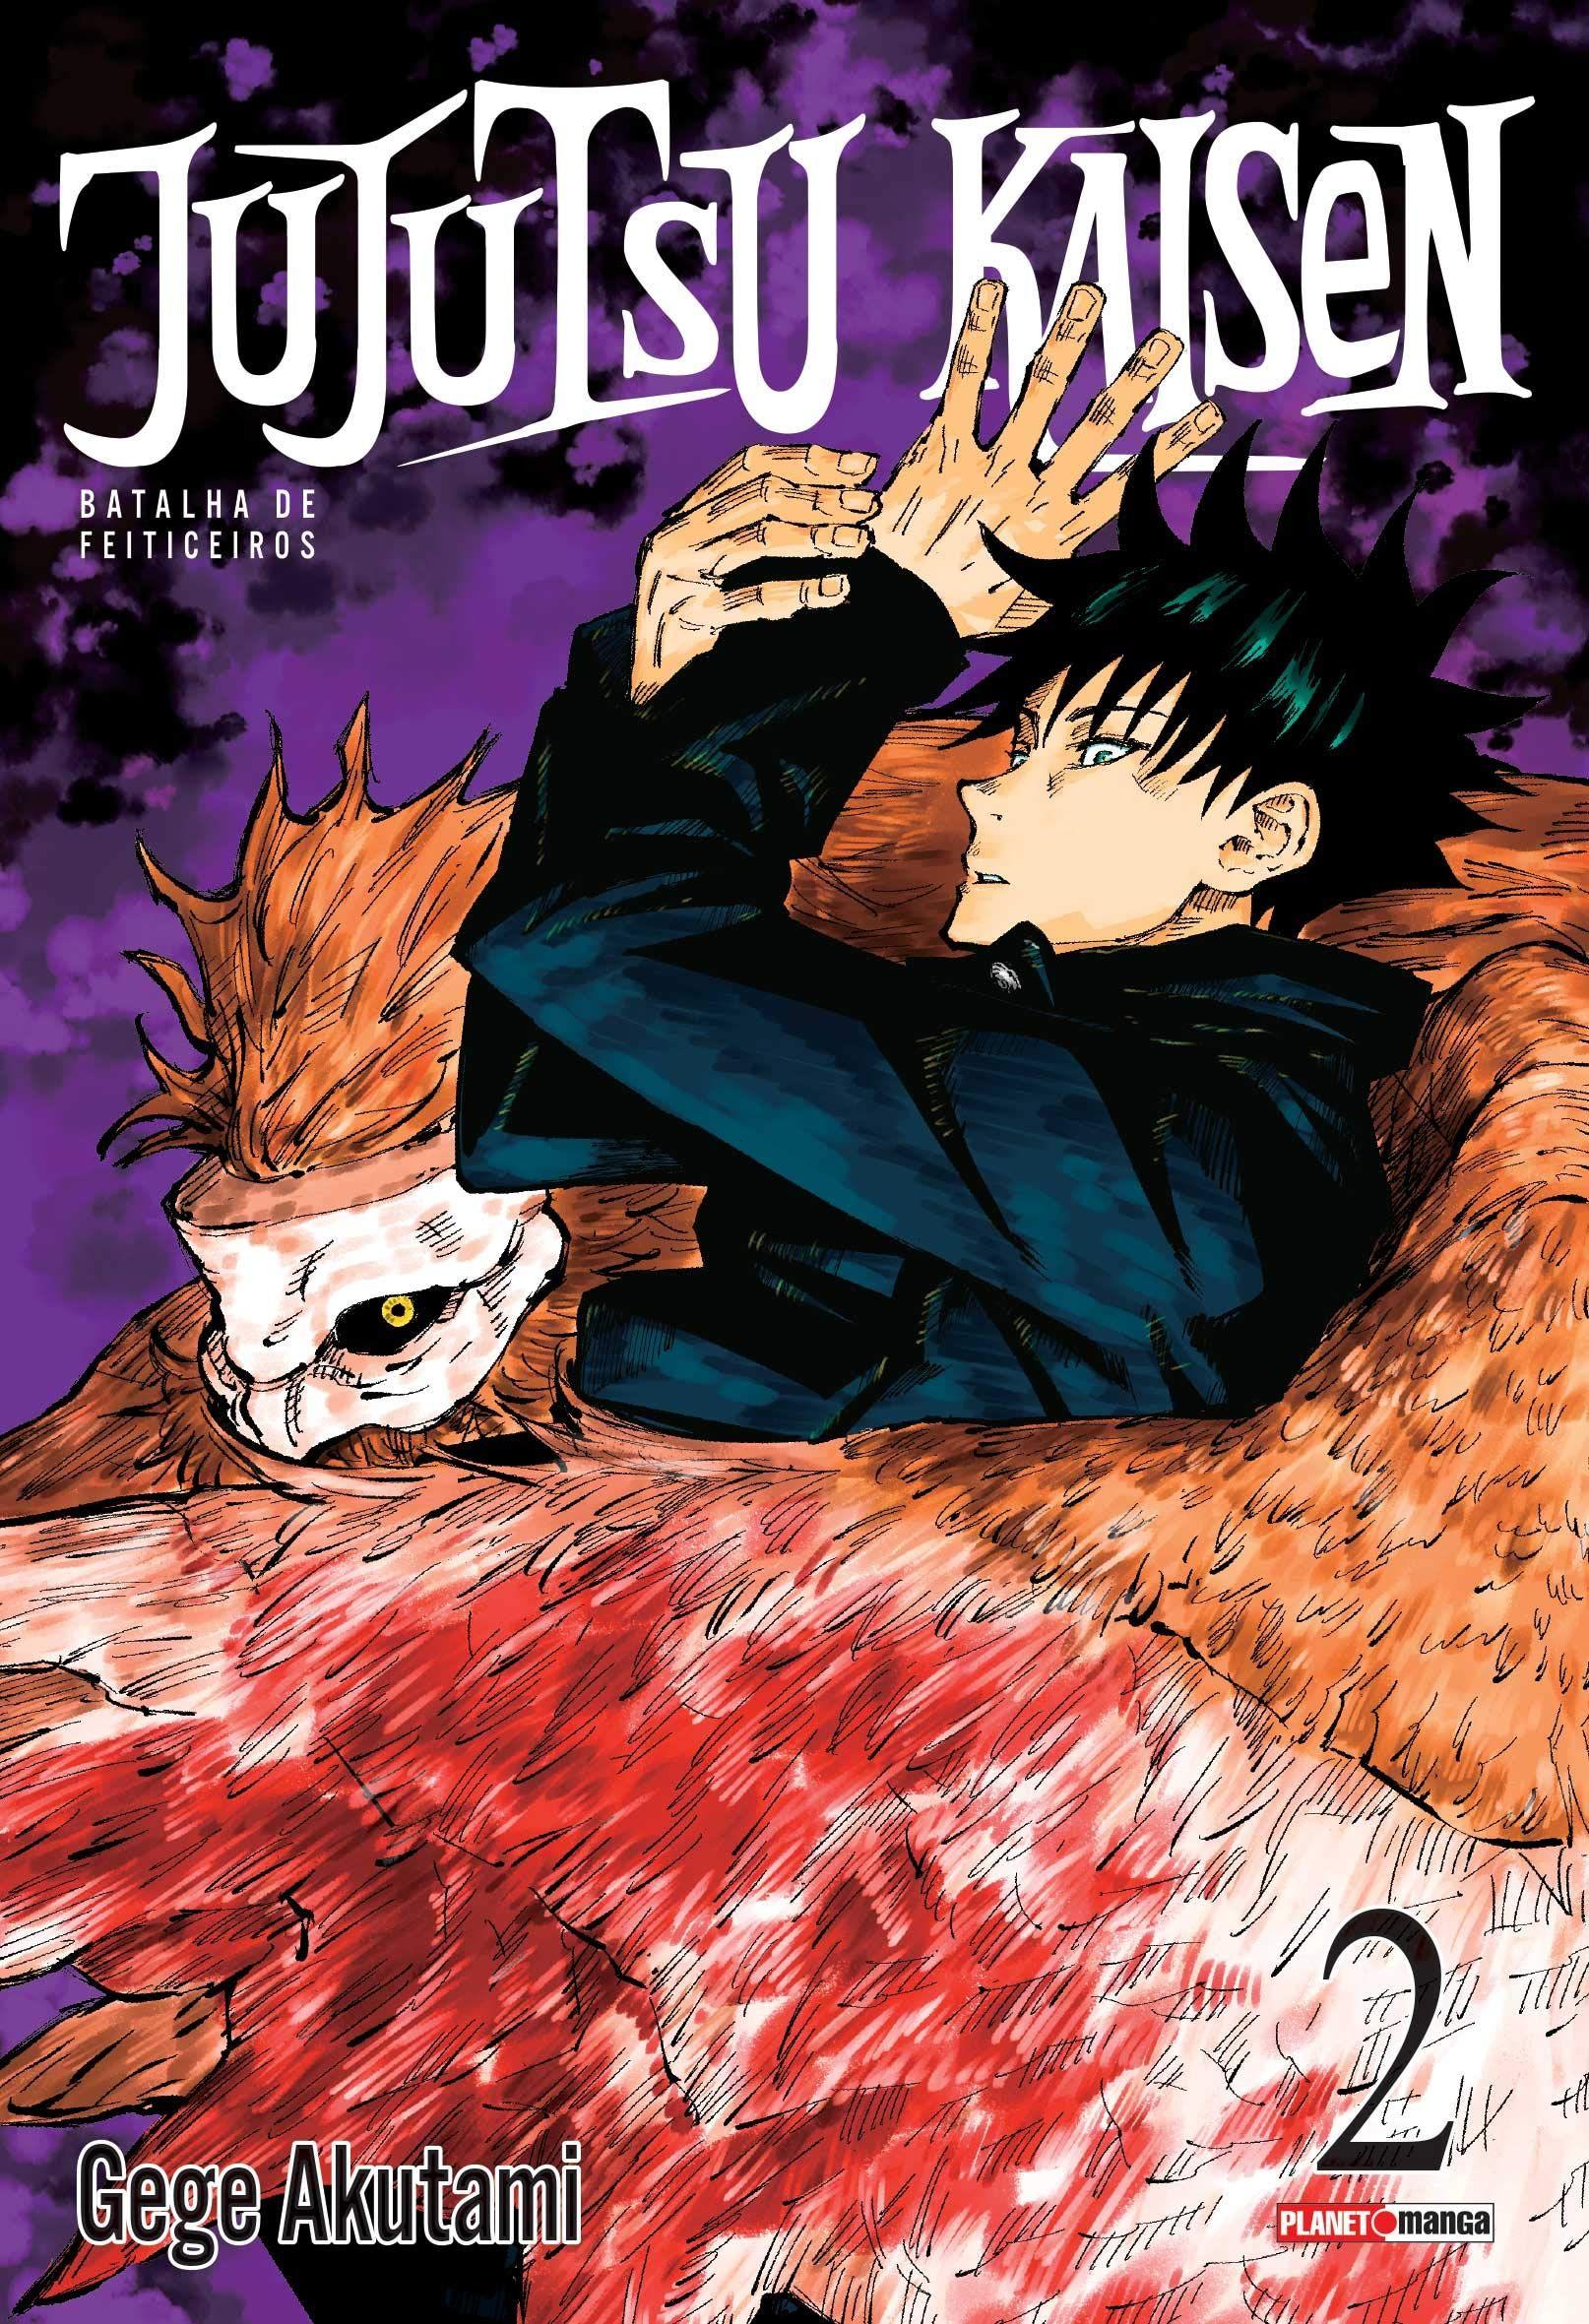 Jujutsu Kaisen Batalha De Feiticeiros Vol 2 Capa Comum Frete Gratis No Prime Anime Printables Manga Covers Jujutsu